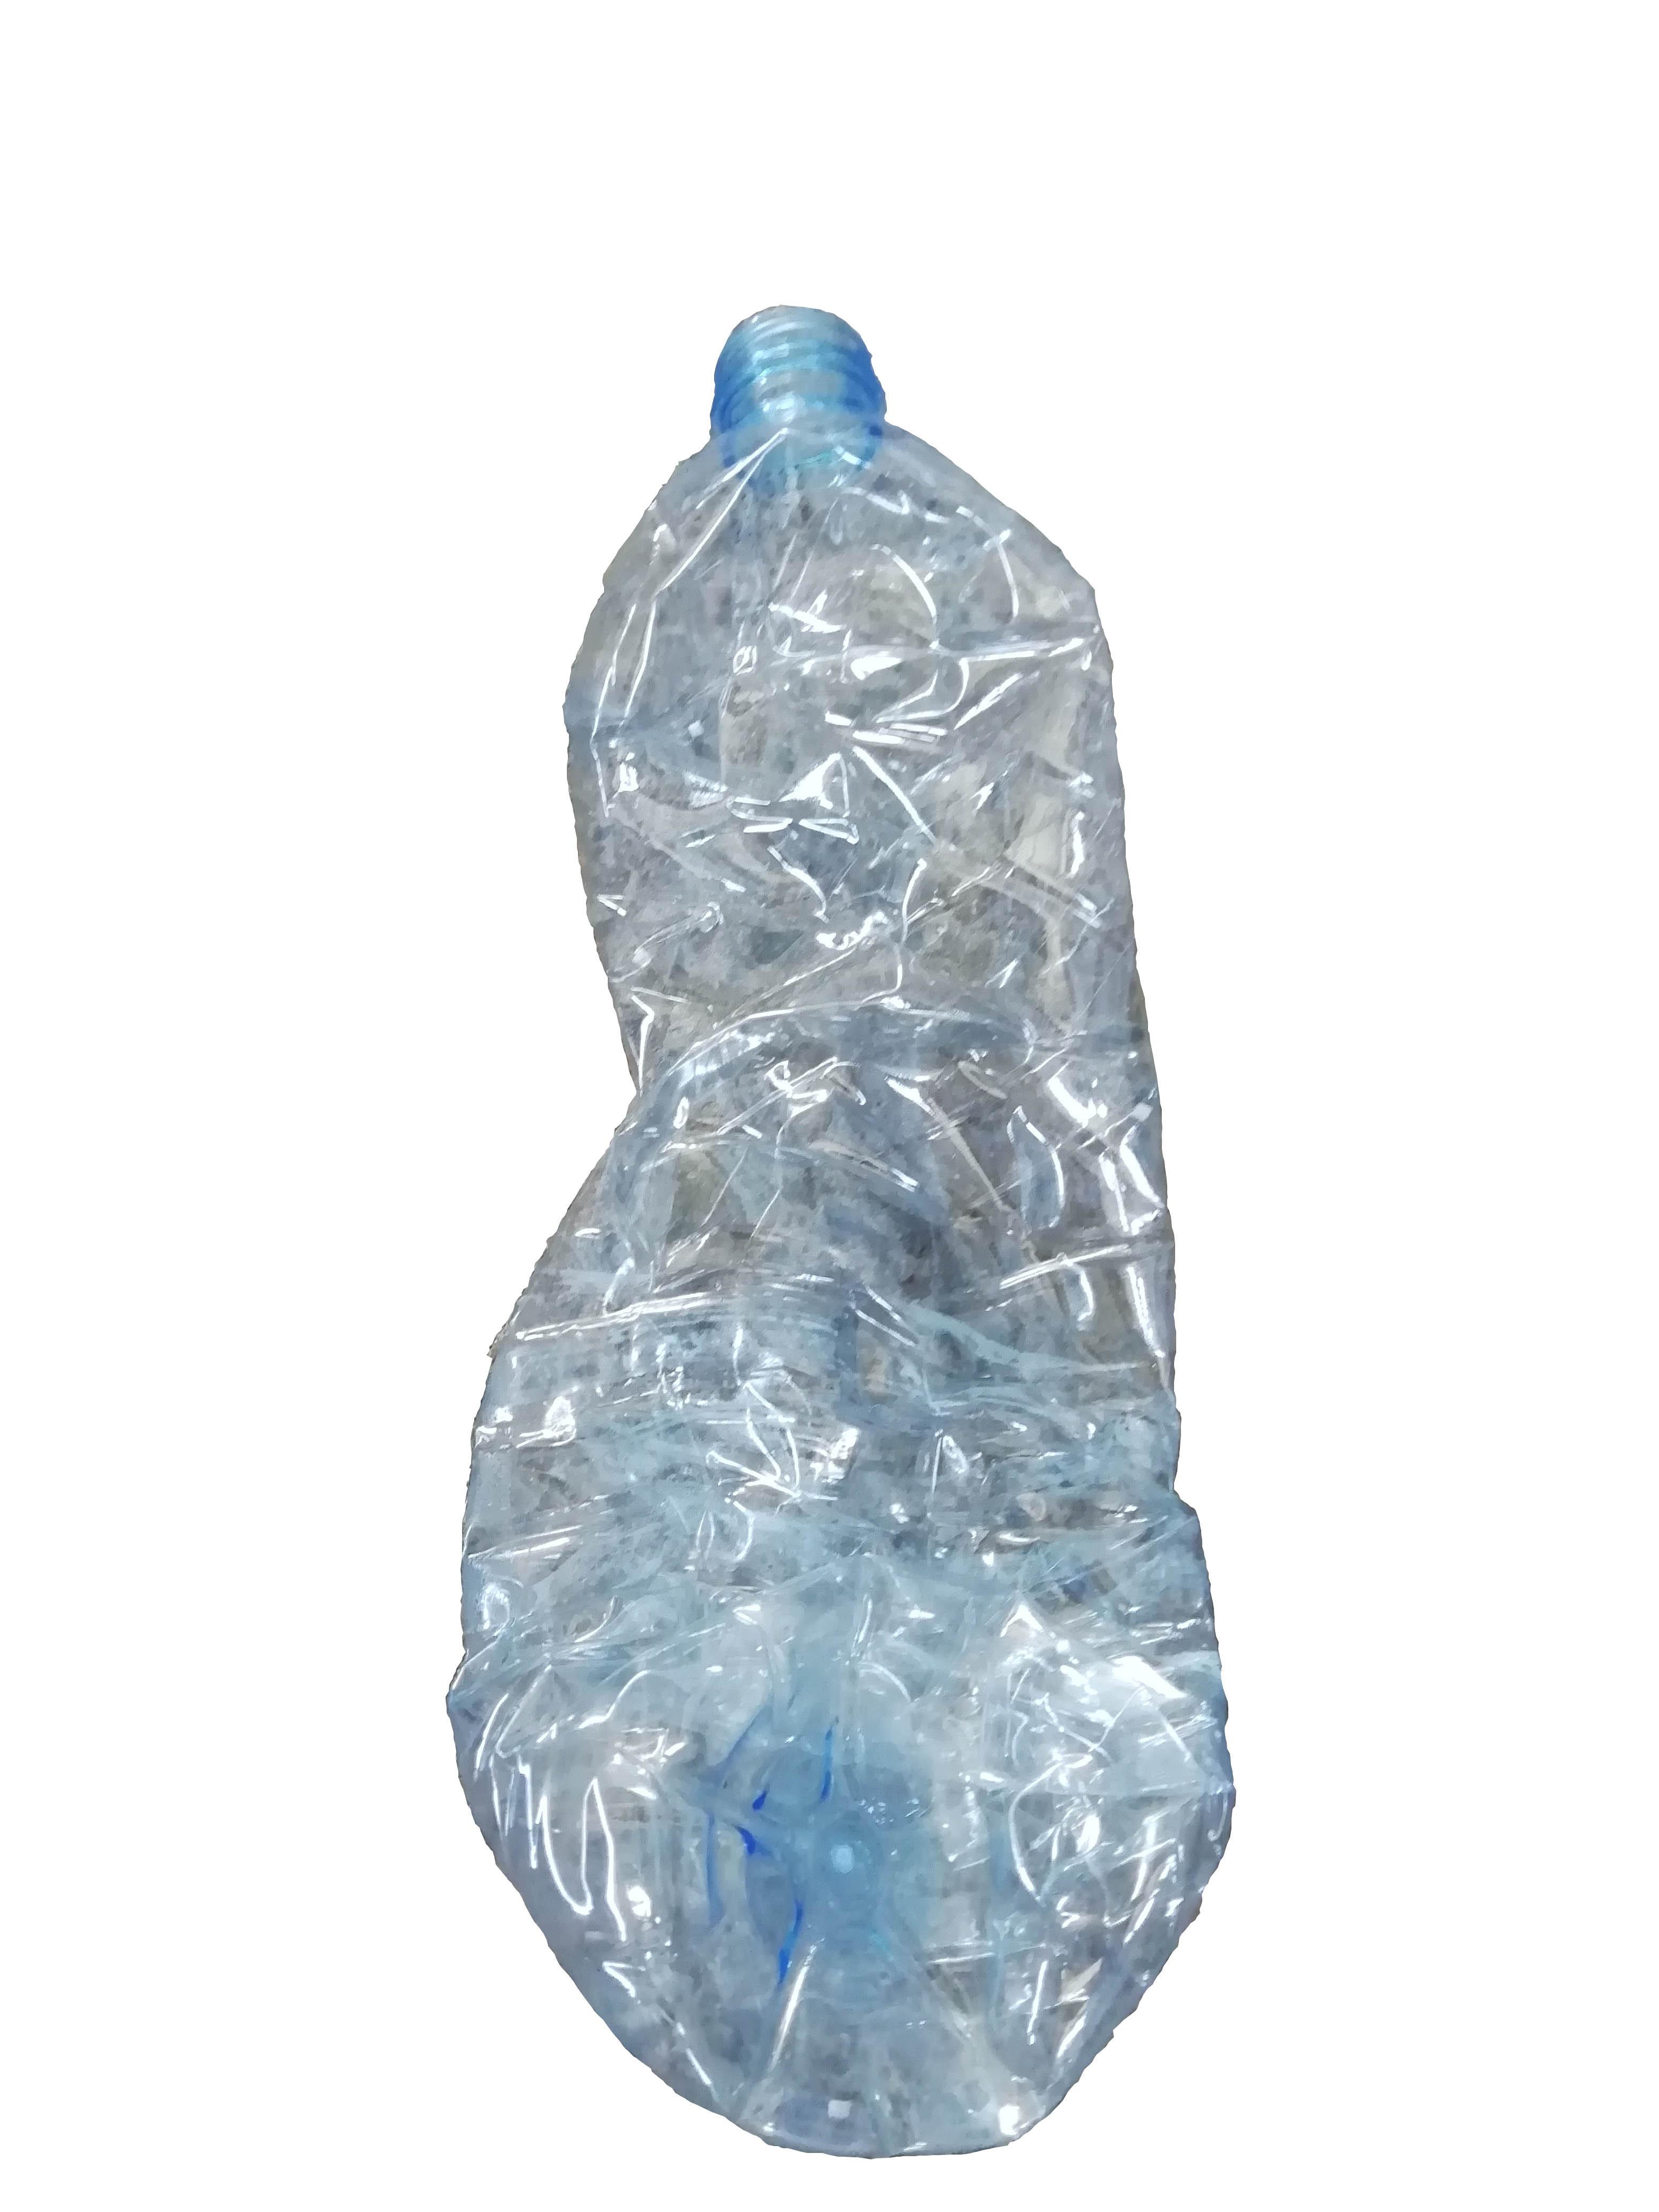 รับซื้อขวดน้ำแกะฉลากแยกสีฟ้า